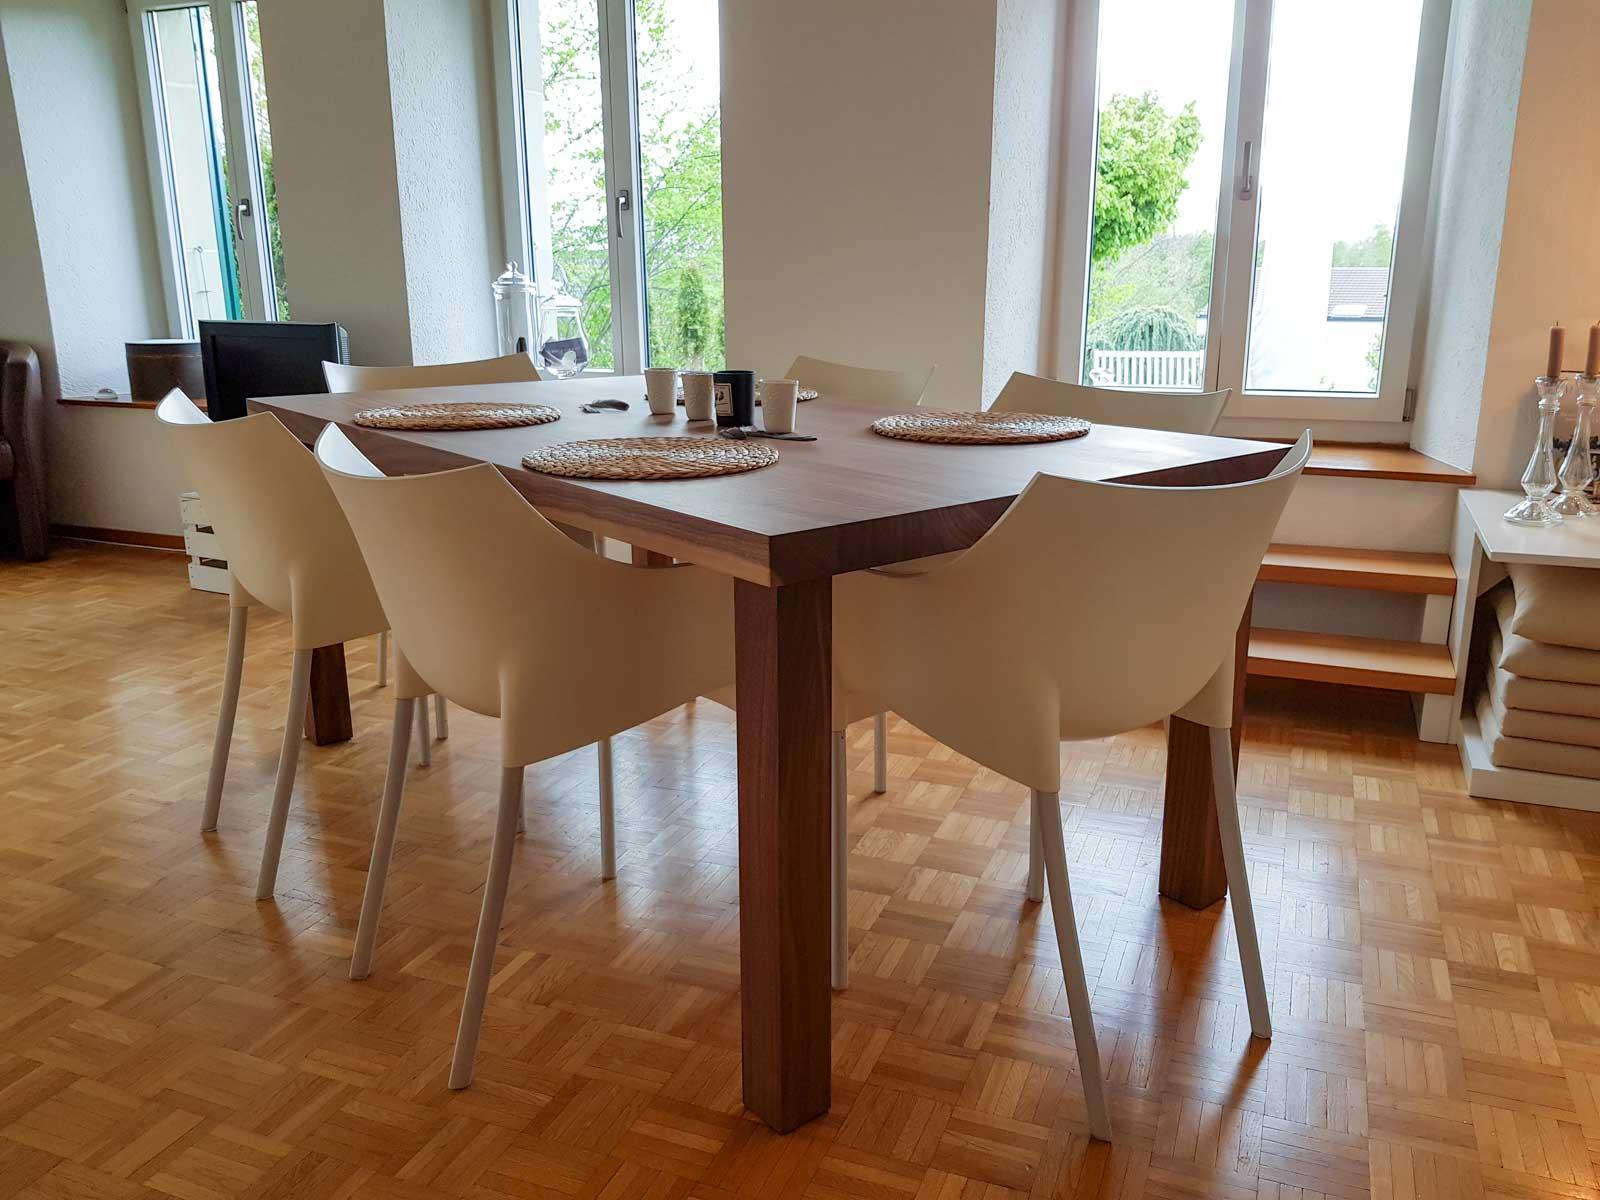 Wooddesign_Tisch_ rechteckig_Nussbaum massiv_Tischbeine aussen (2)